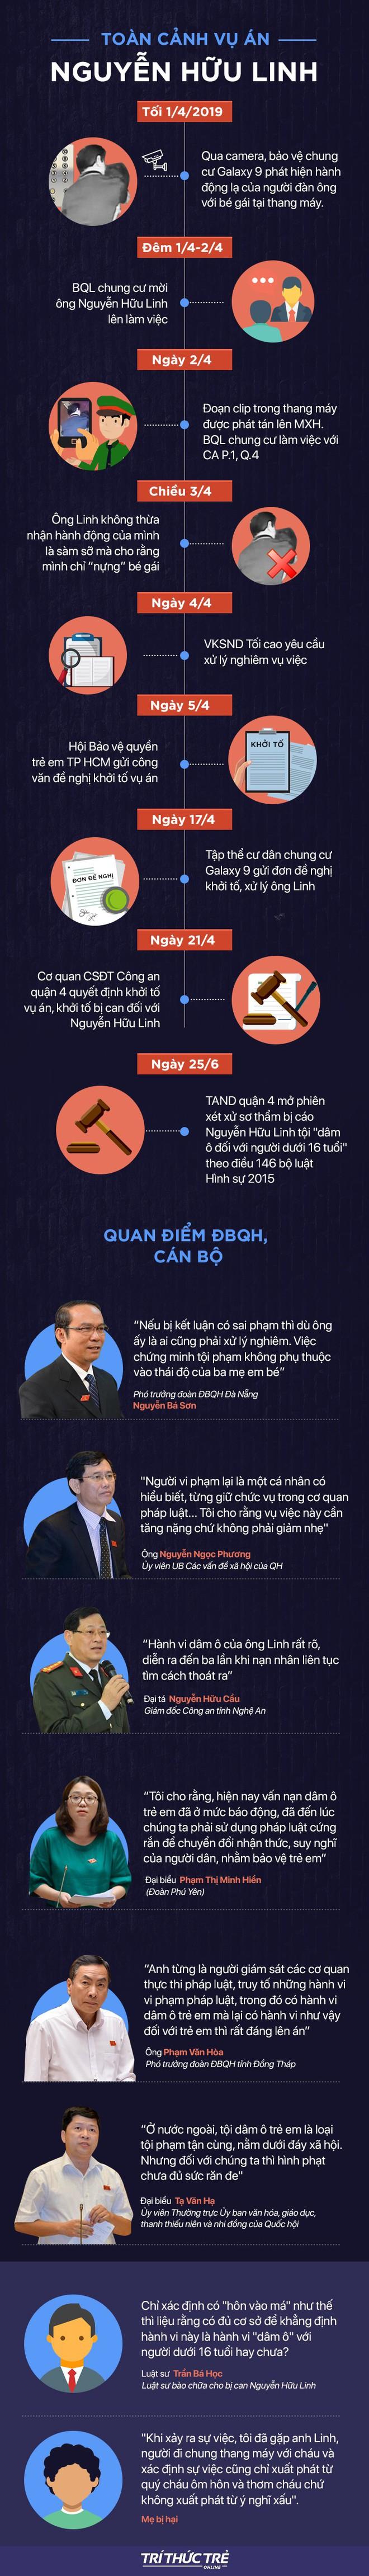 [Infographic] Toàn cảnh vụ án Nguyễn Hữu Linh trước ngày xét xử kín - Ảnh 1.